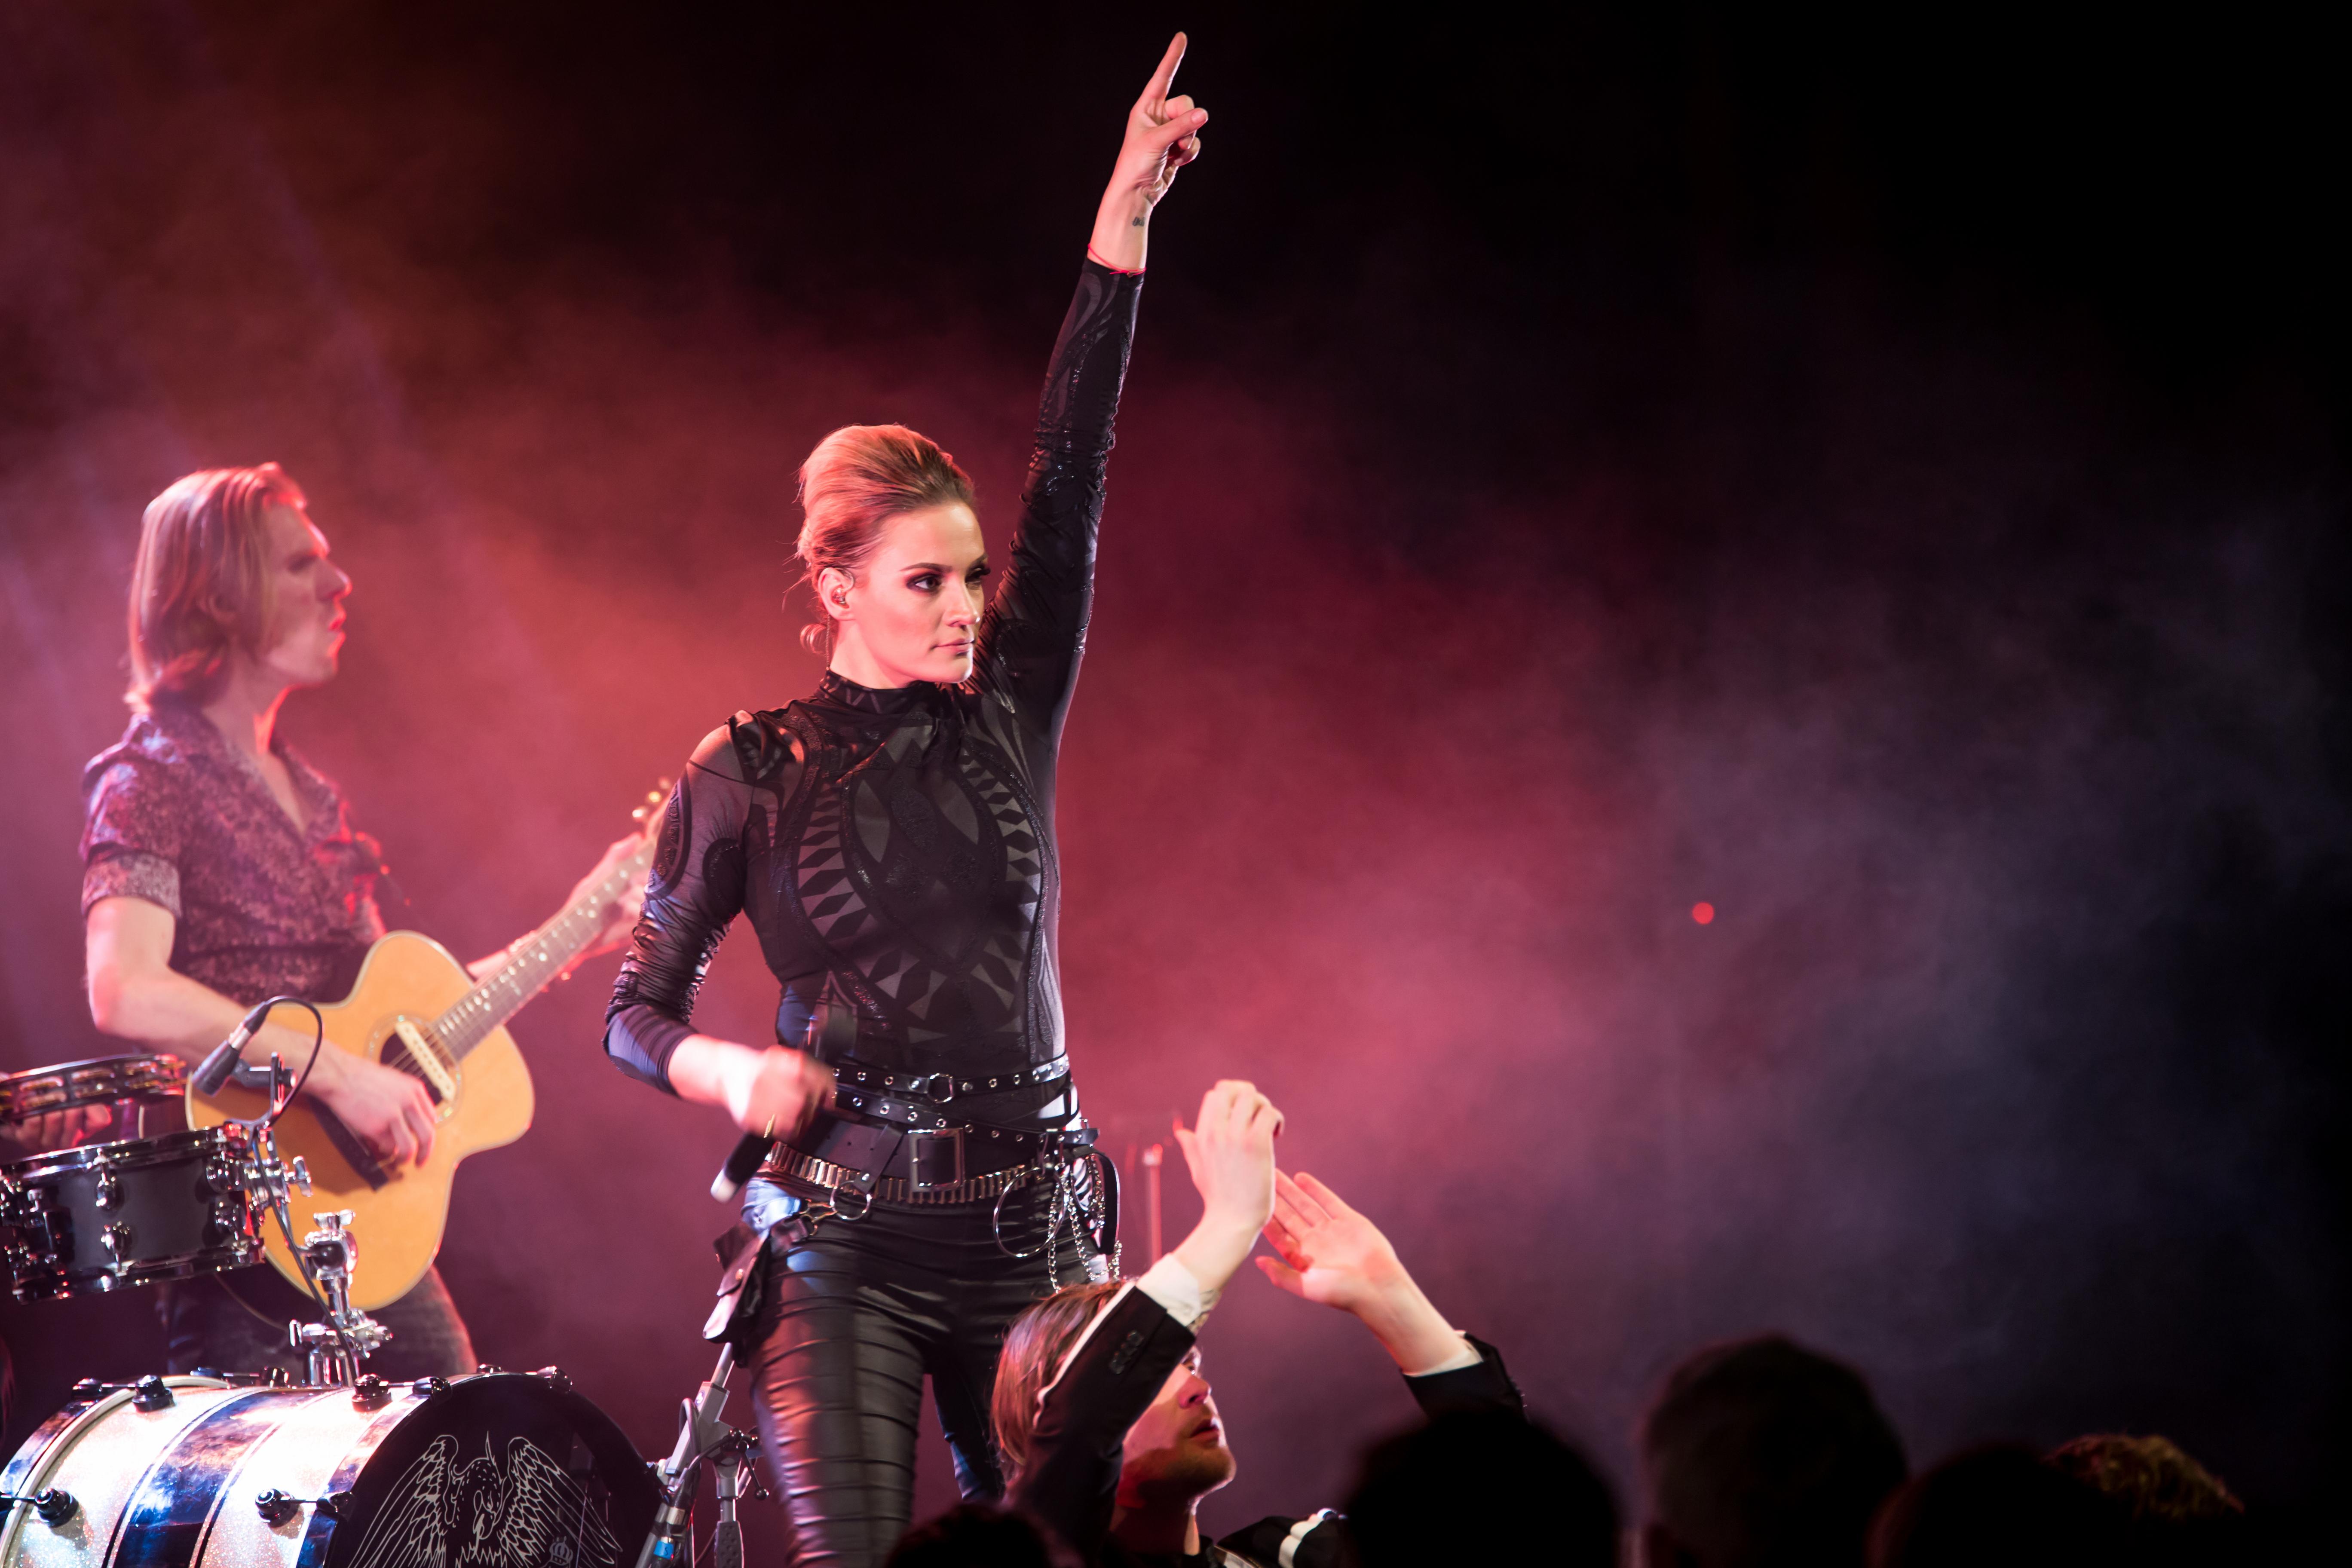 15062019 Queen the music - RobinVanStraa